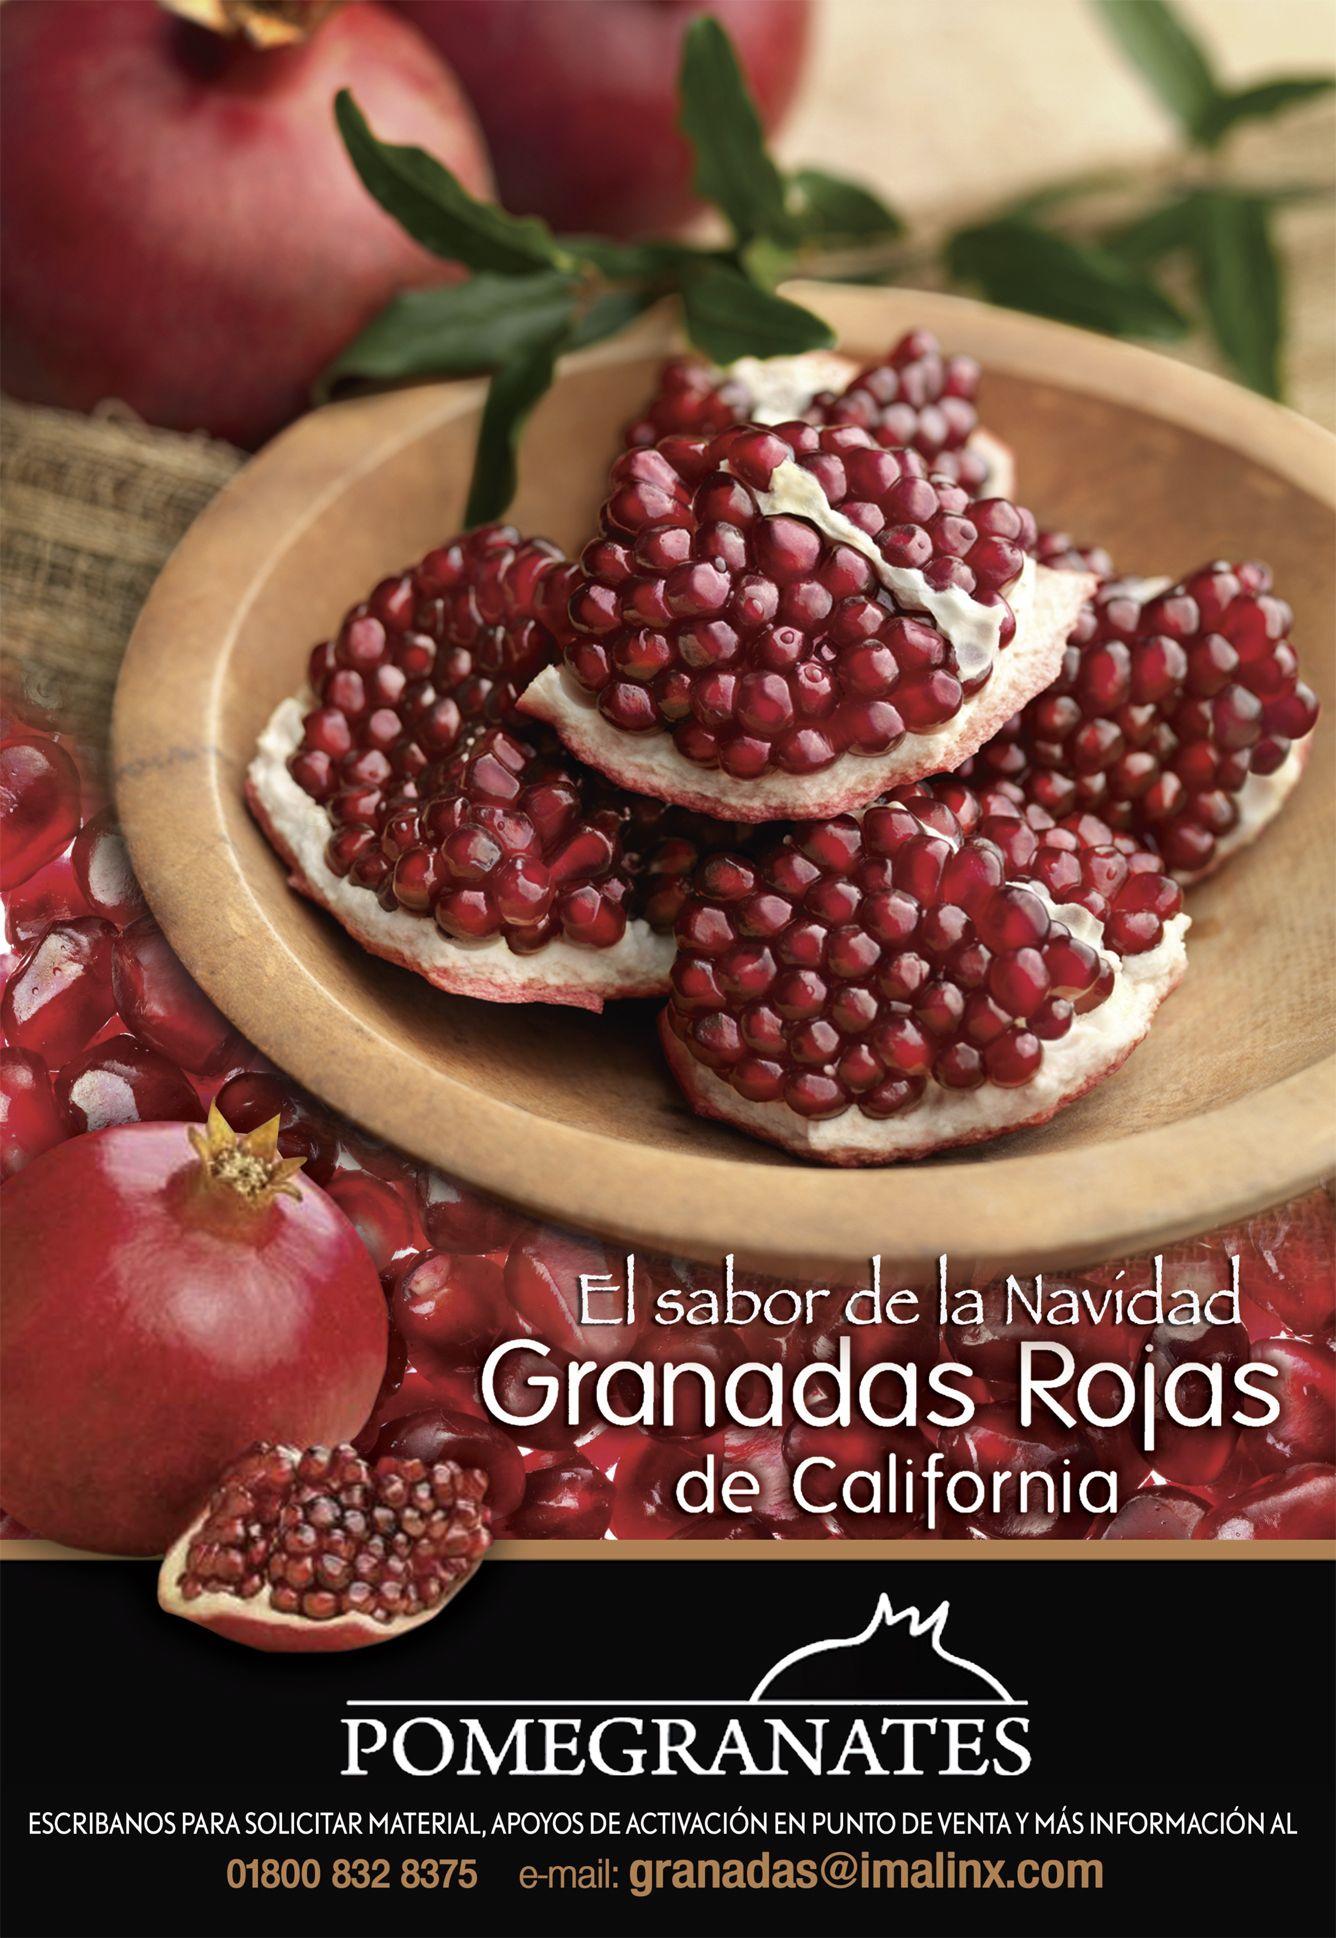 Ya viene la temporada de la Granada y hemos preparado una campaña para recibirla en México, una fruta que sin lugar a dudas nos significa la Navidad!!!